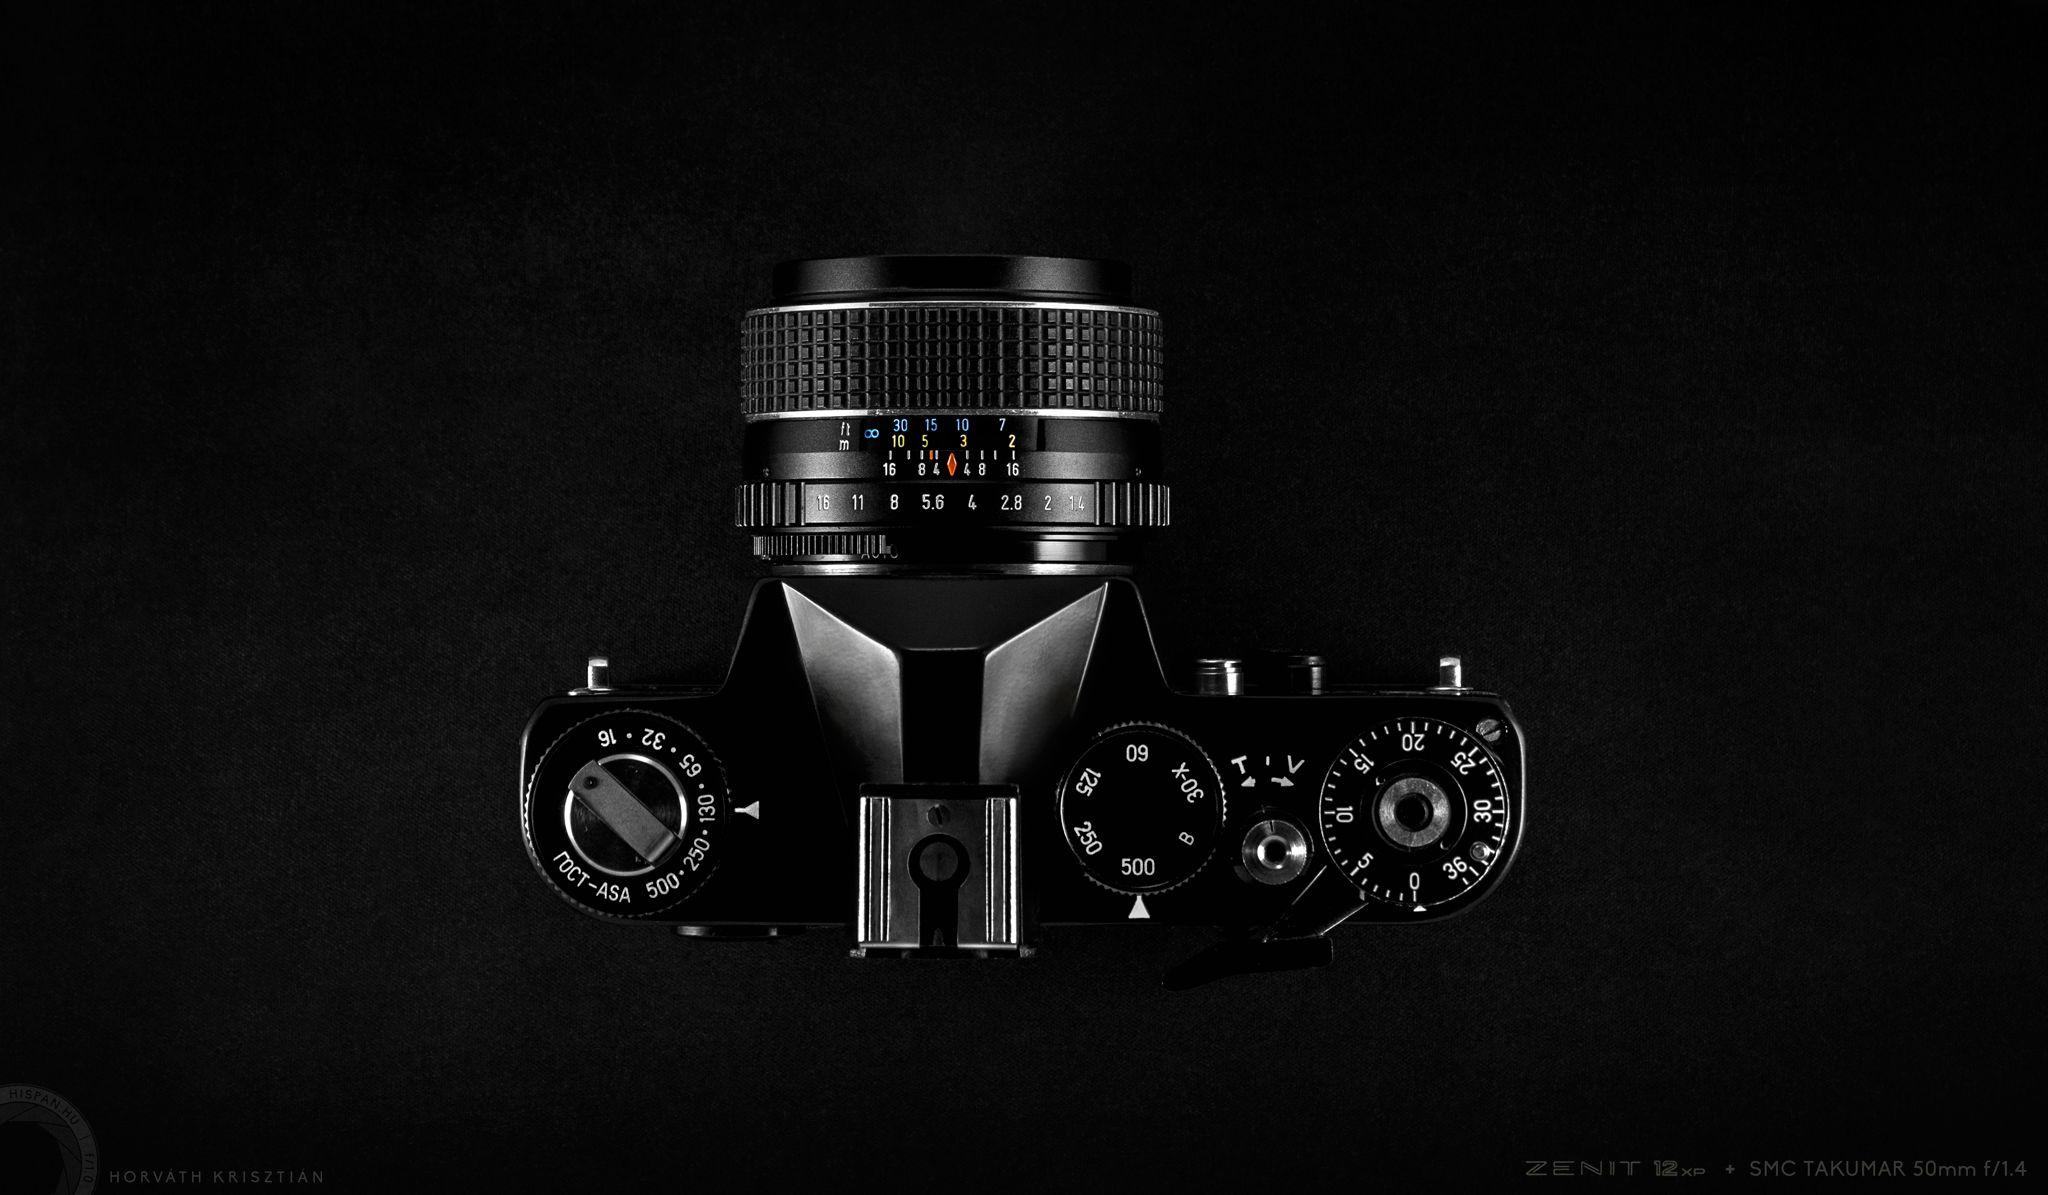 Zenit 12XP + SMC Takumar 50mm f/1.4 by hispan